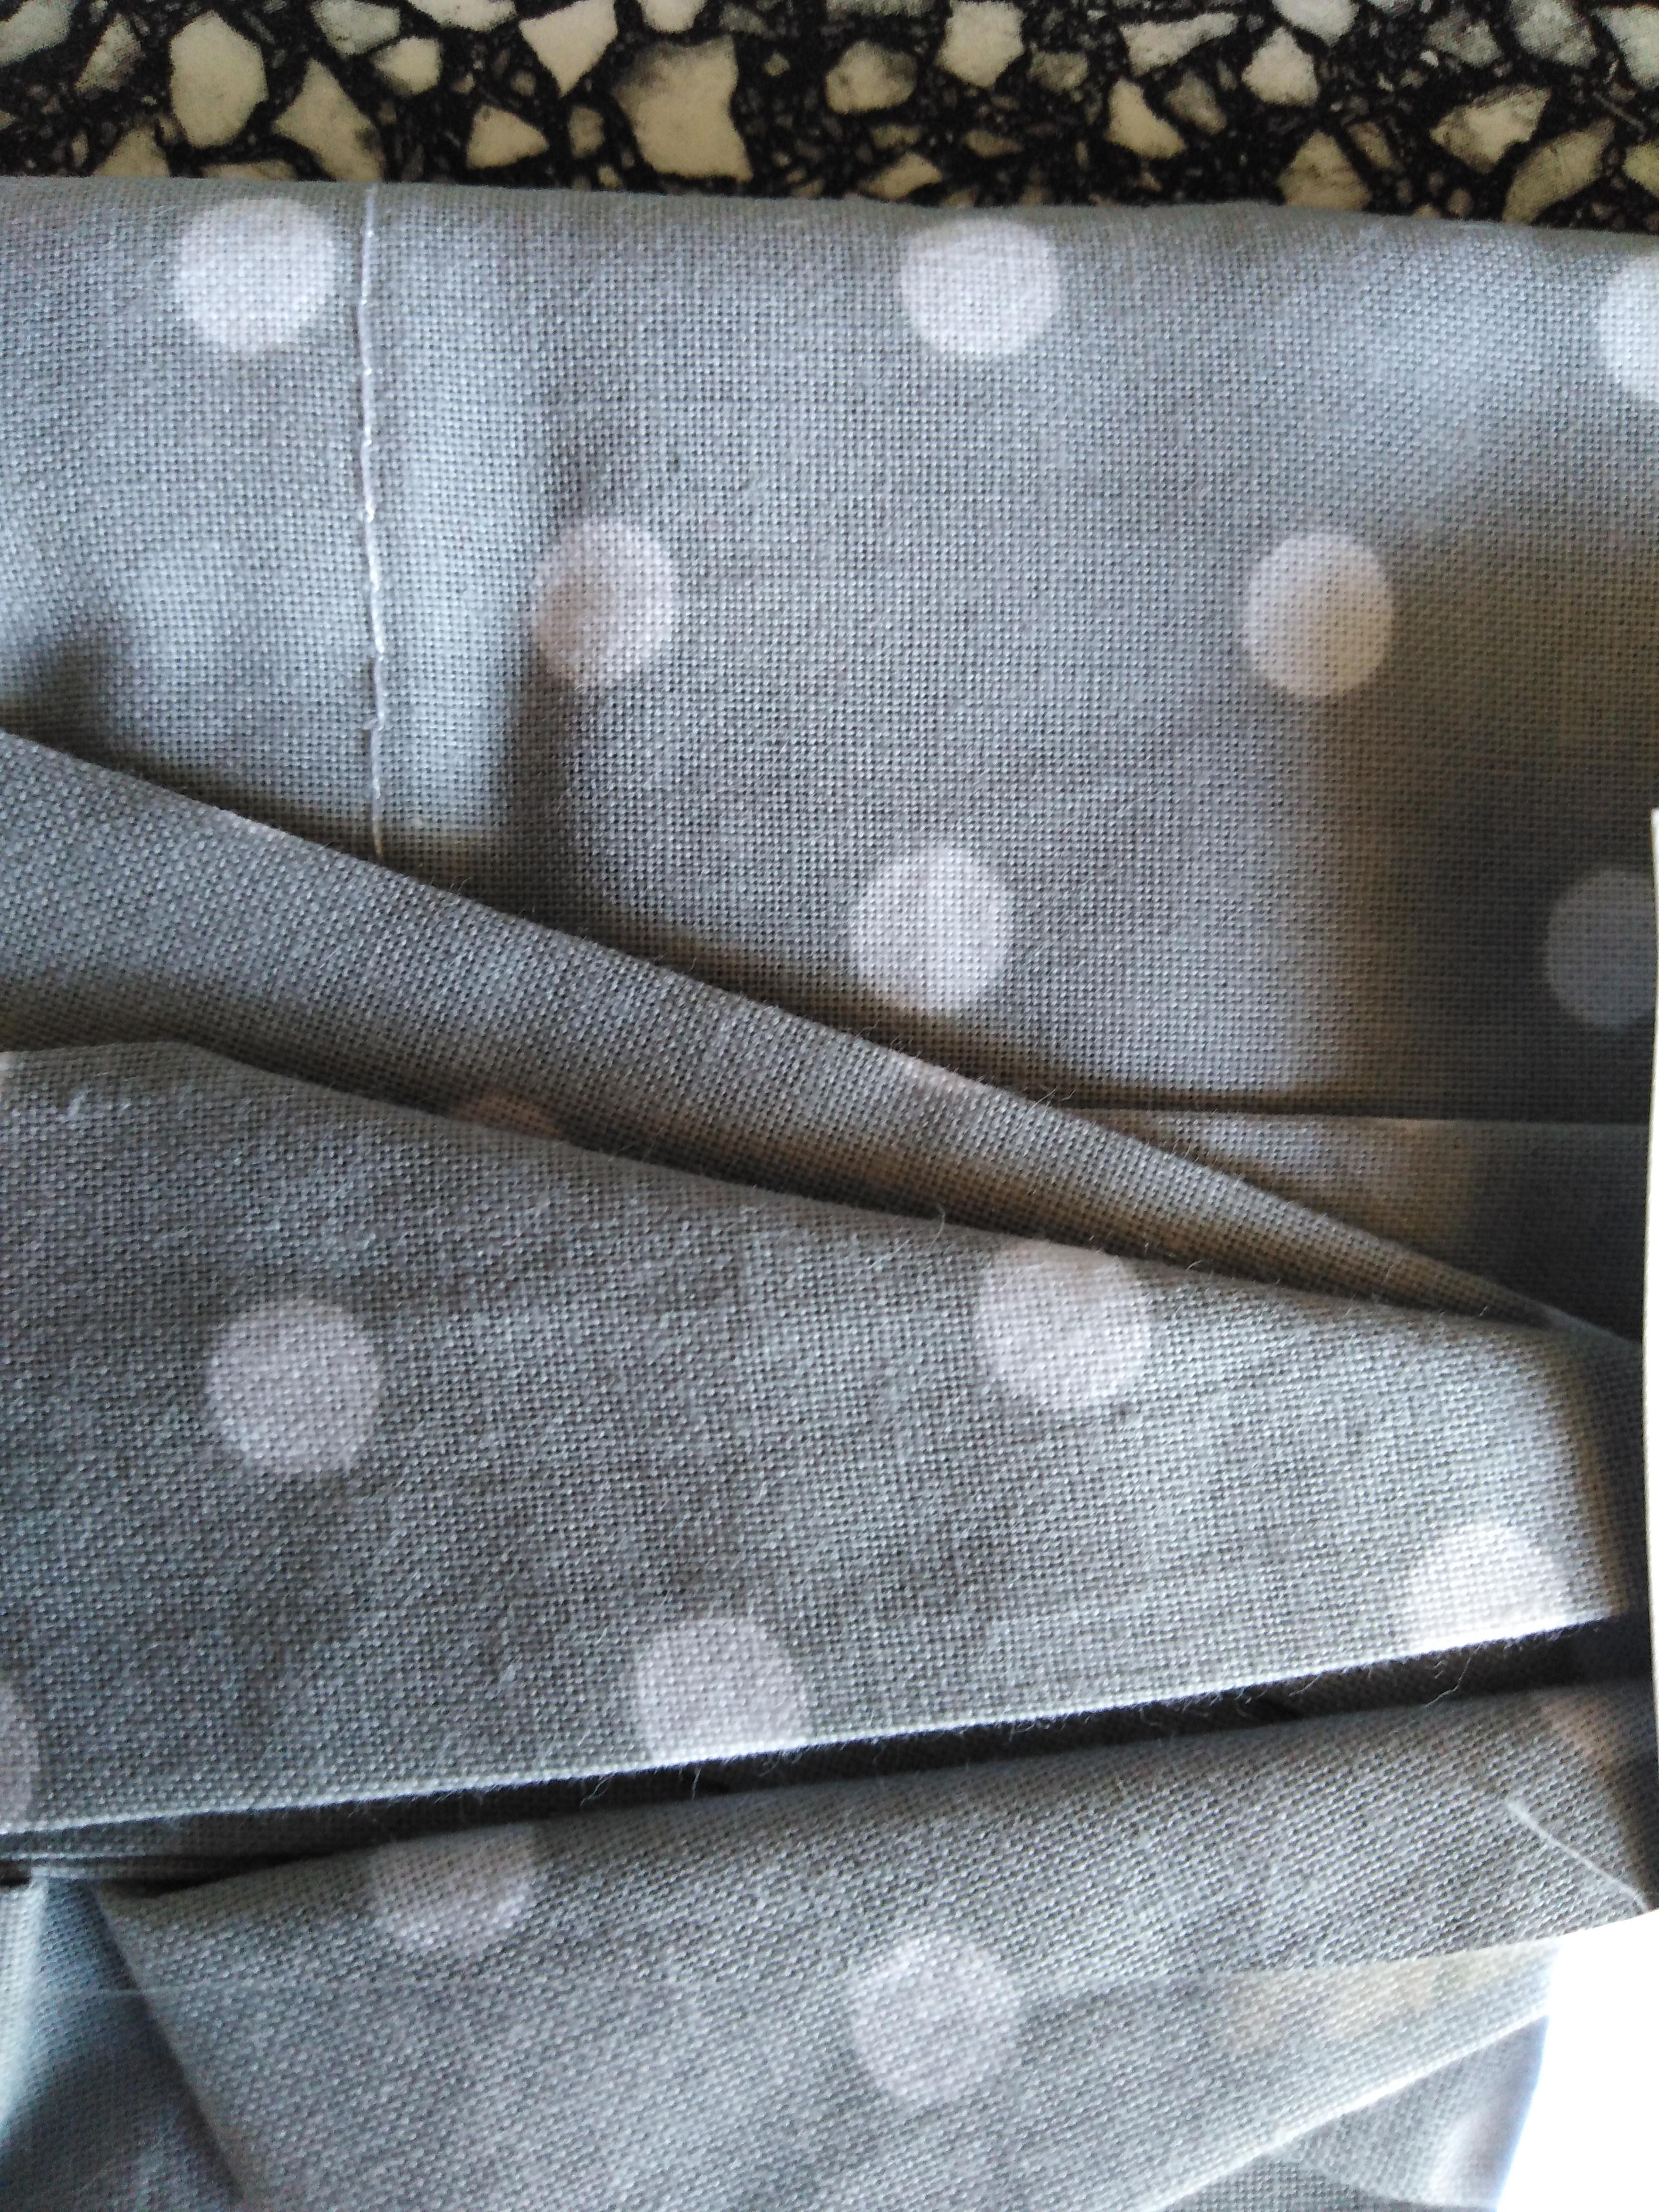 Bavlněný šátek 65 x 65 cm, šedo bílý puntík 5 mm